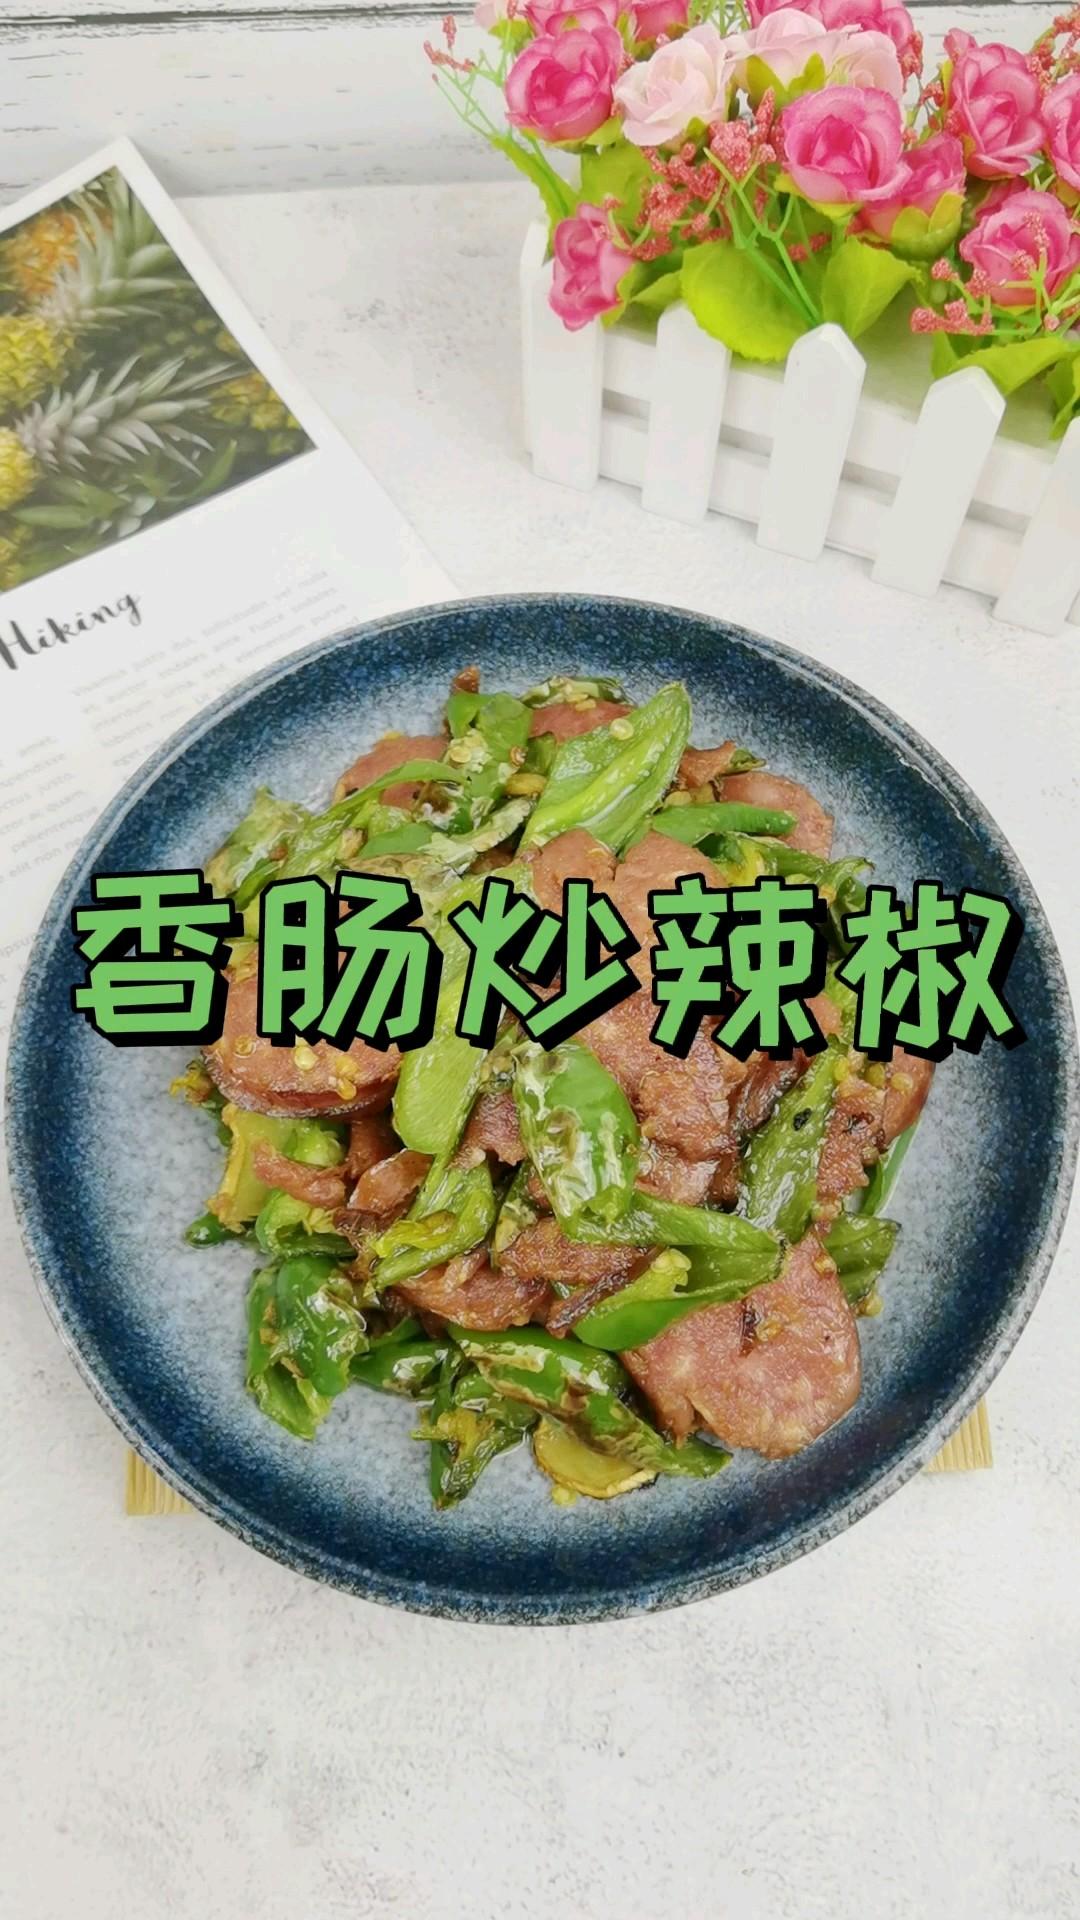 10分钟速成下饭菜-香肠炒辣椒,炒1盘下两三碗米饭